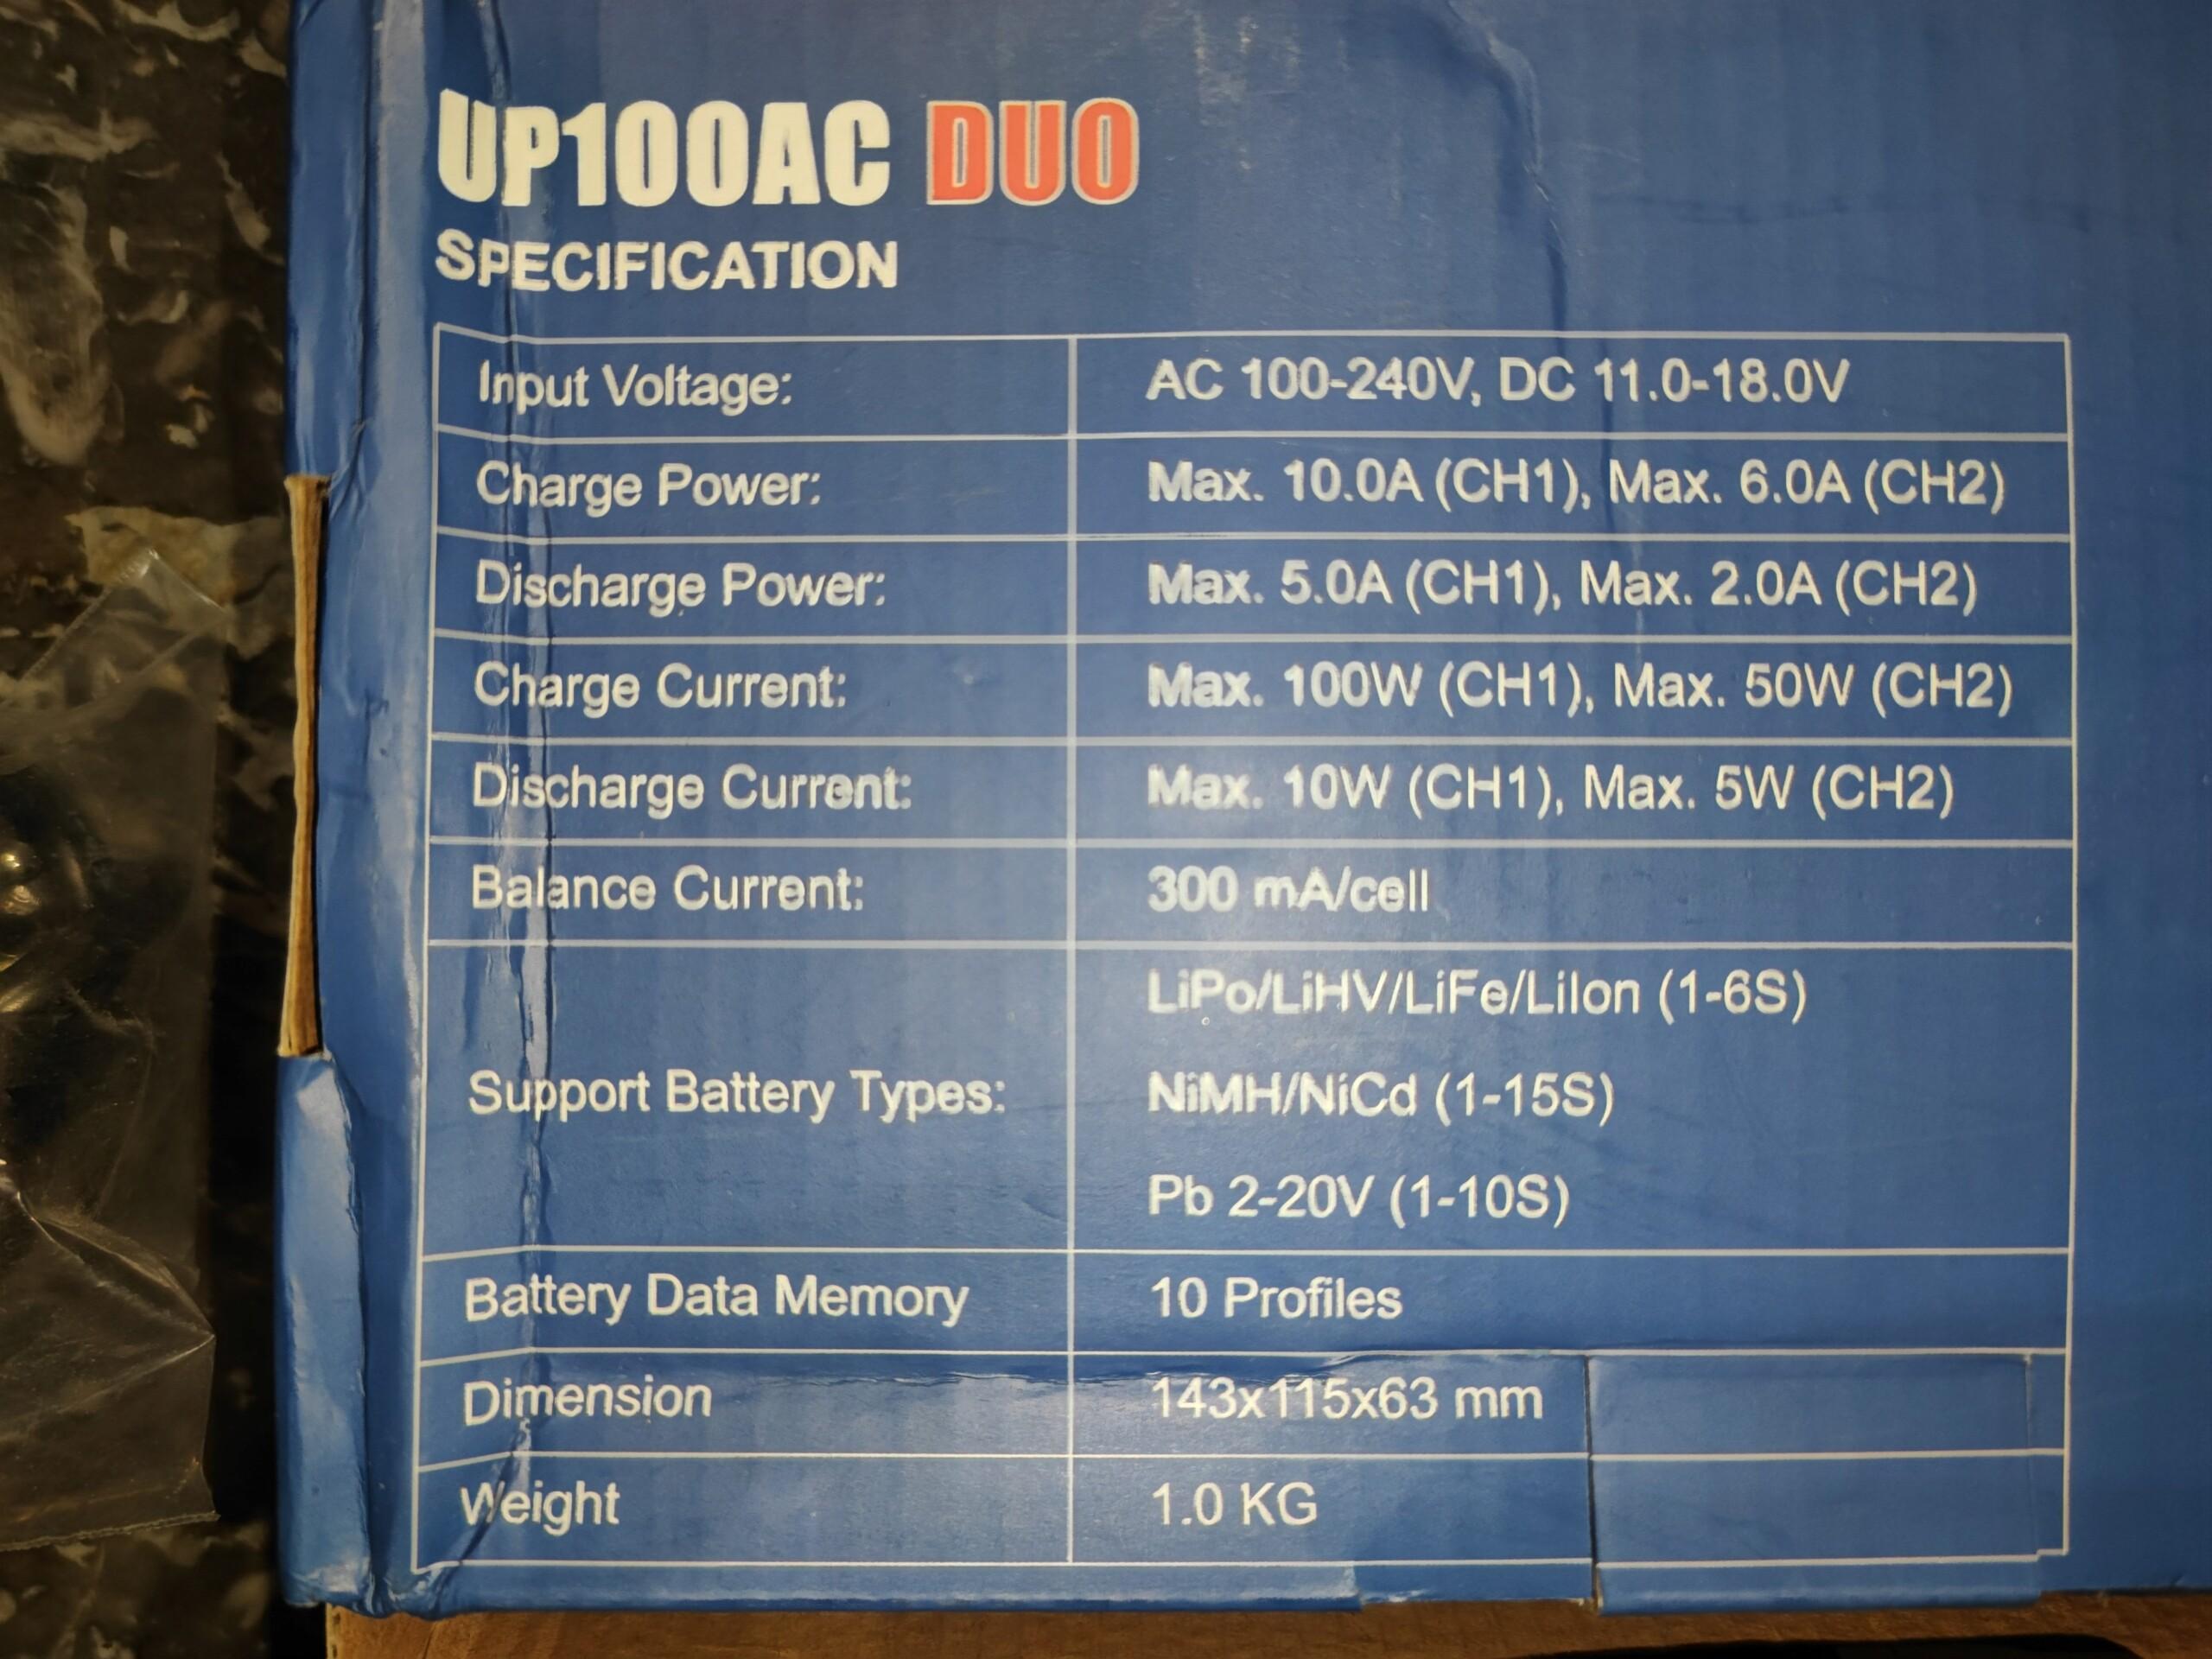 [VENDU] Chargeur double sorties UltraPower 100AC Duo. 16206811